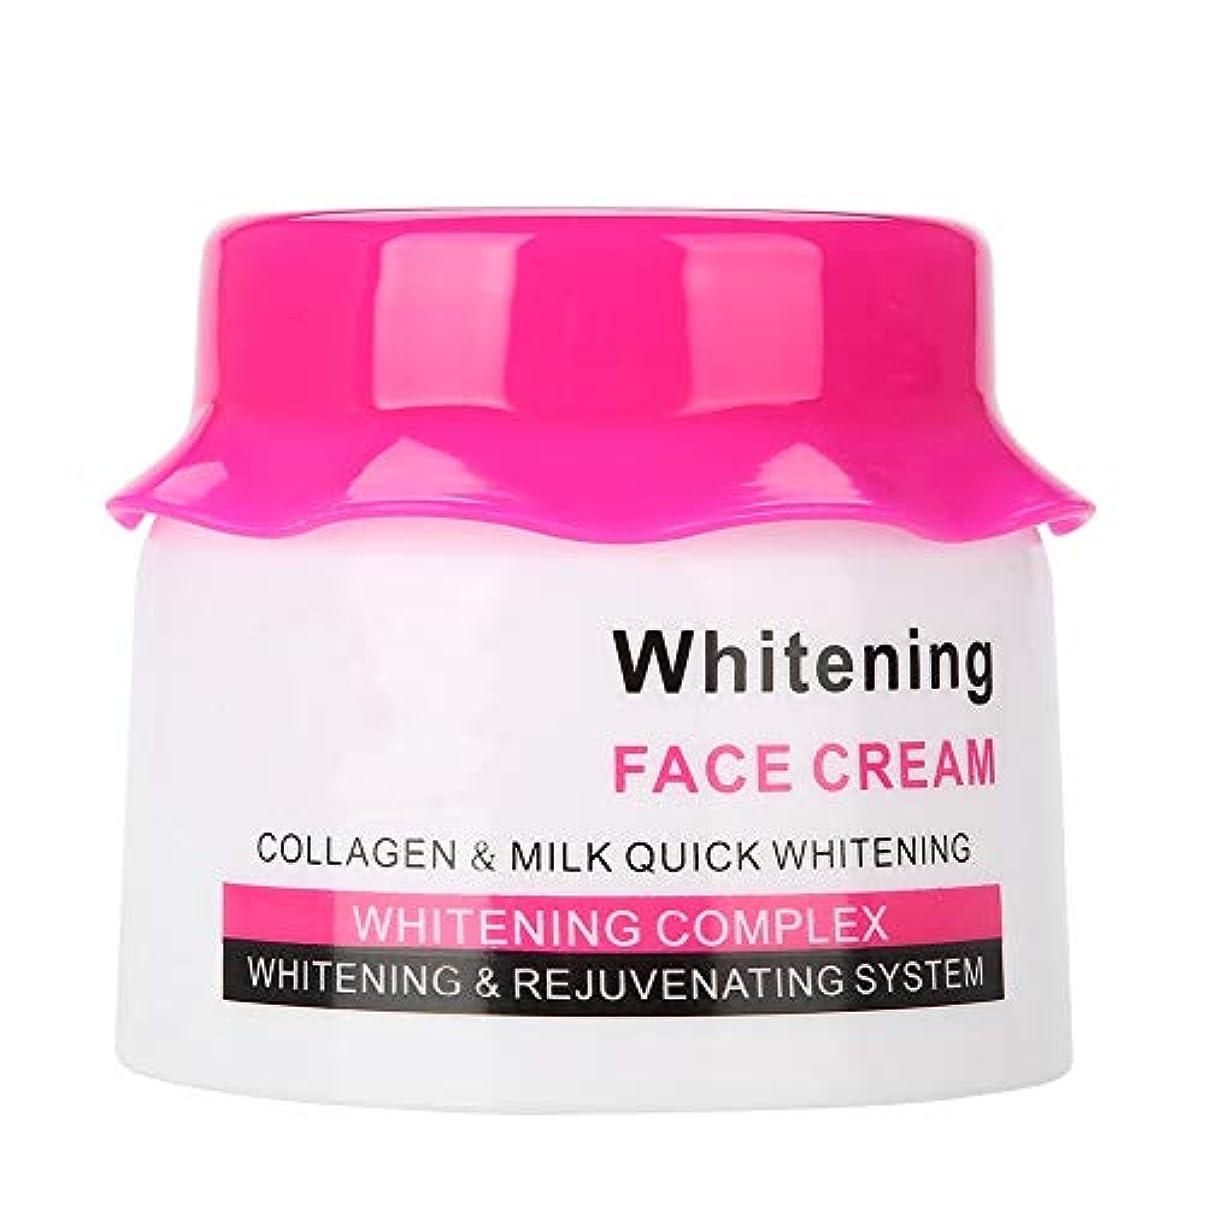 石灰岩外部思いつく天然コラーゲン、肌のリラクゼーションと引き締まった肌の多機能、保湿引き締めフェイシャルシュリンクポアケア肌を白くするフェイシャルクリーム